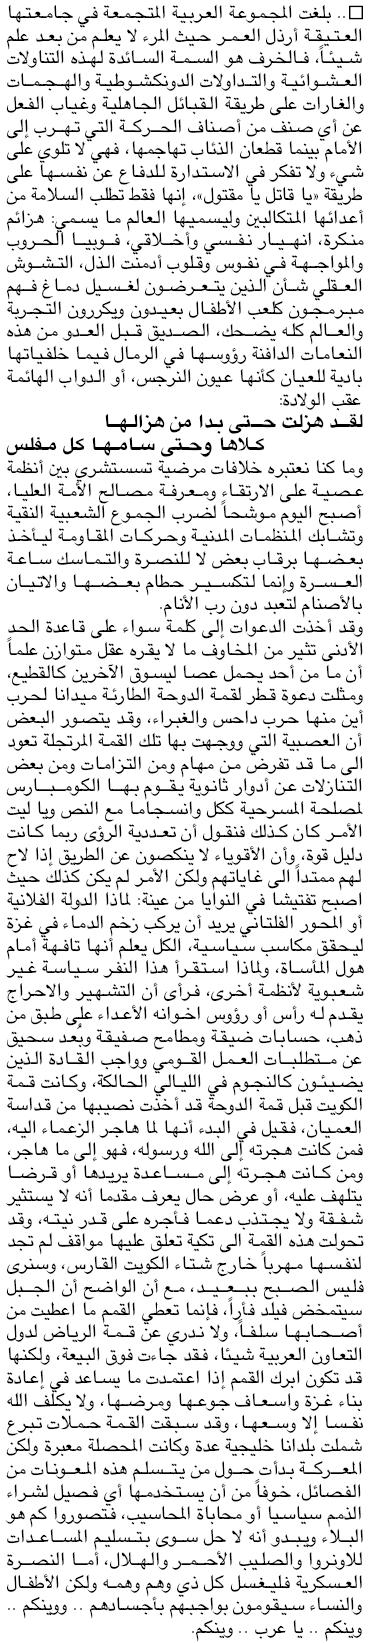 وينكم يا عرب